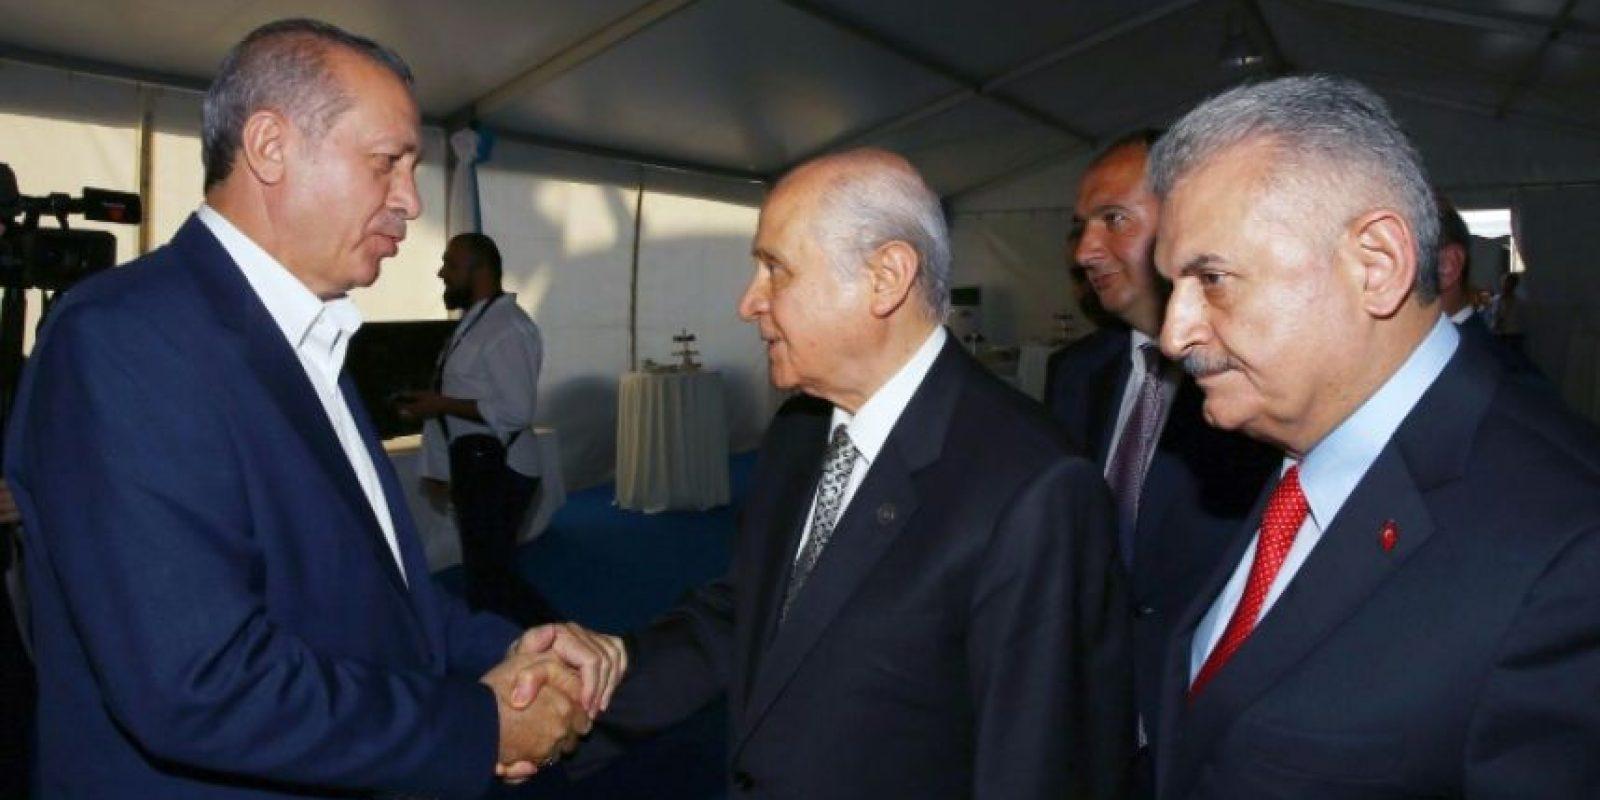 El presidente turco, Recep Tayyip Erdogan (I), saluda al líder del Partido de Acción Nacionalista (MHP), Devlet Bahceli (C), junto al primer ministro, Binali Yildirim (D), durante un mitin en Estambul, el 7 de agosto de 2016 Foto:STR/afp.com